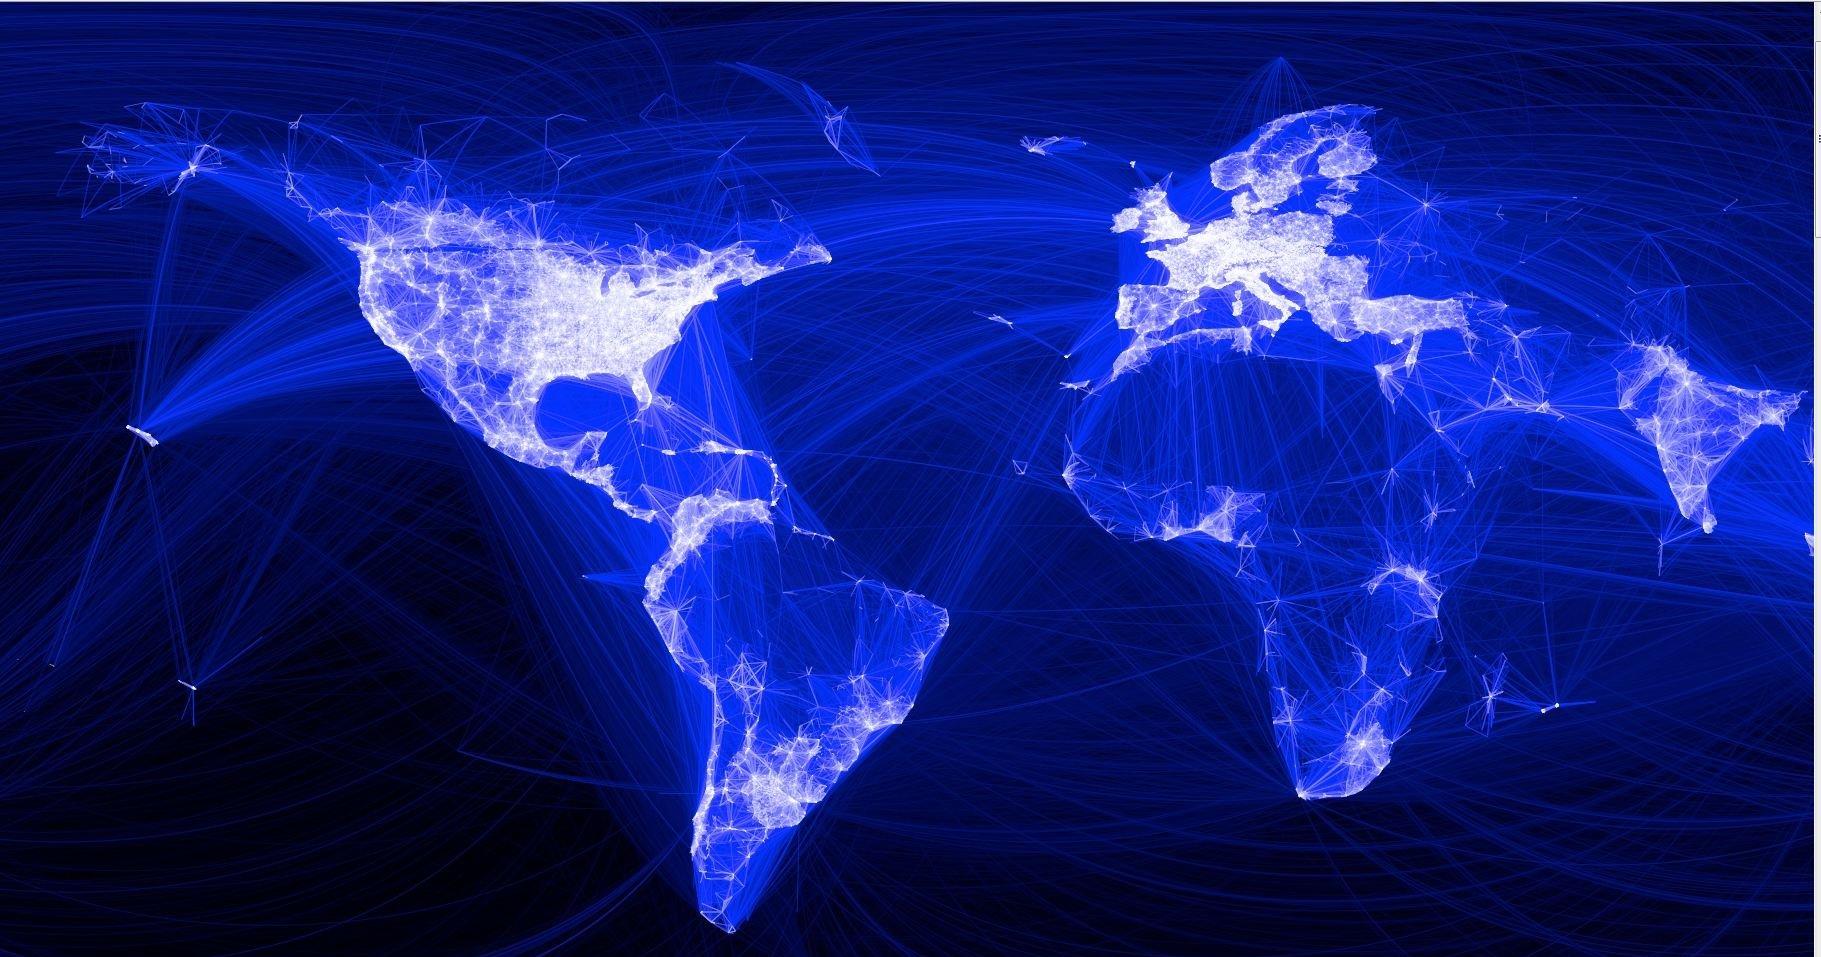 Slik ser det ut når man viser alle forbindelsene mellom 10 millioner Facebook-venner på et kart.